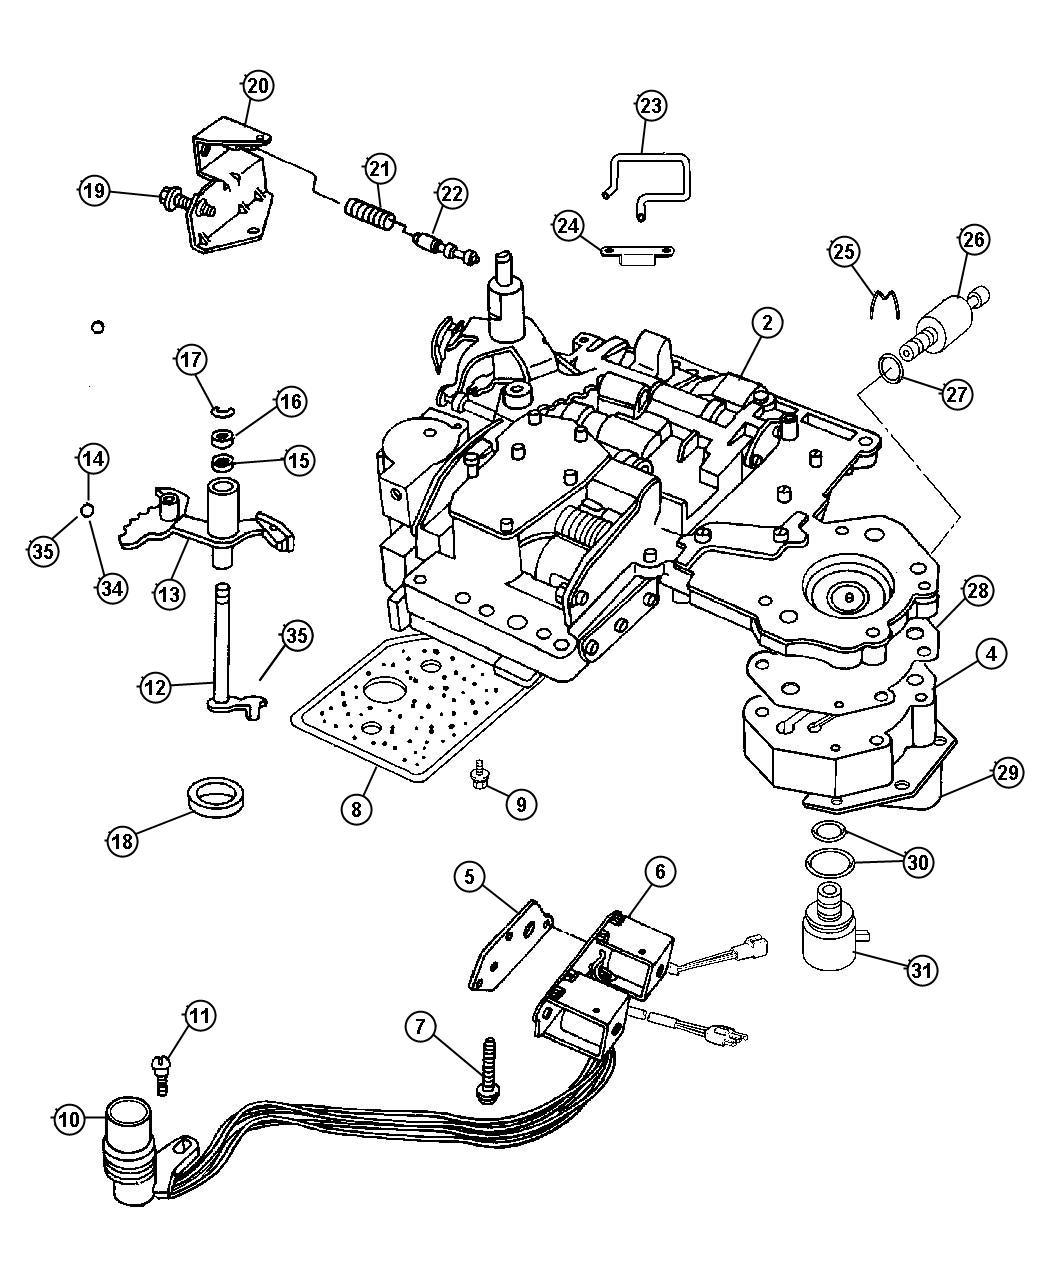 Wiring Diagram 46re Transmission